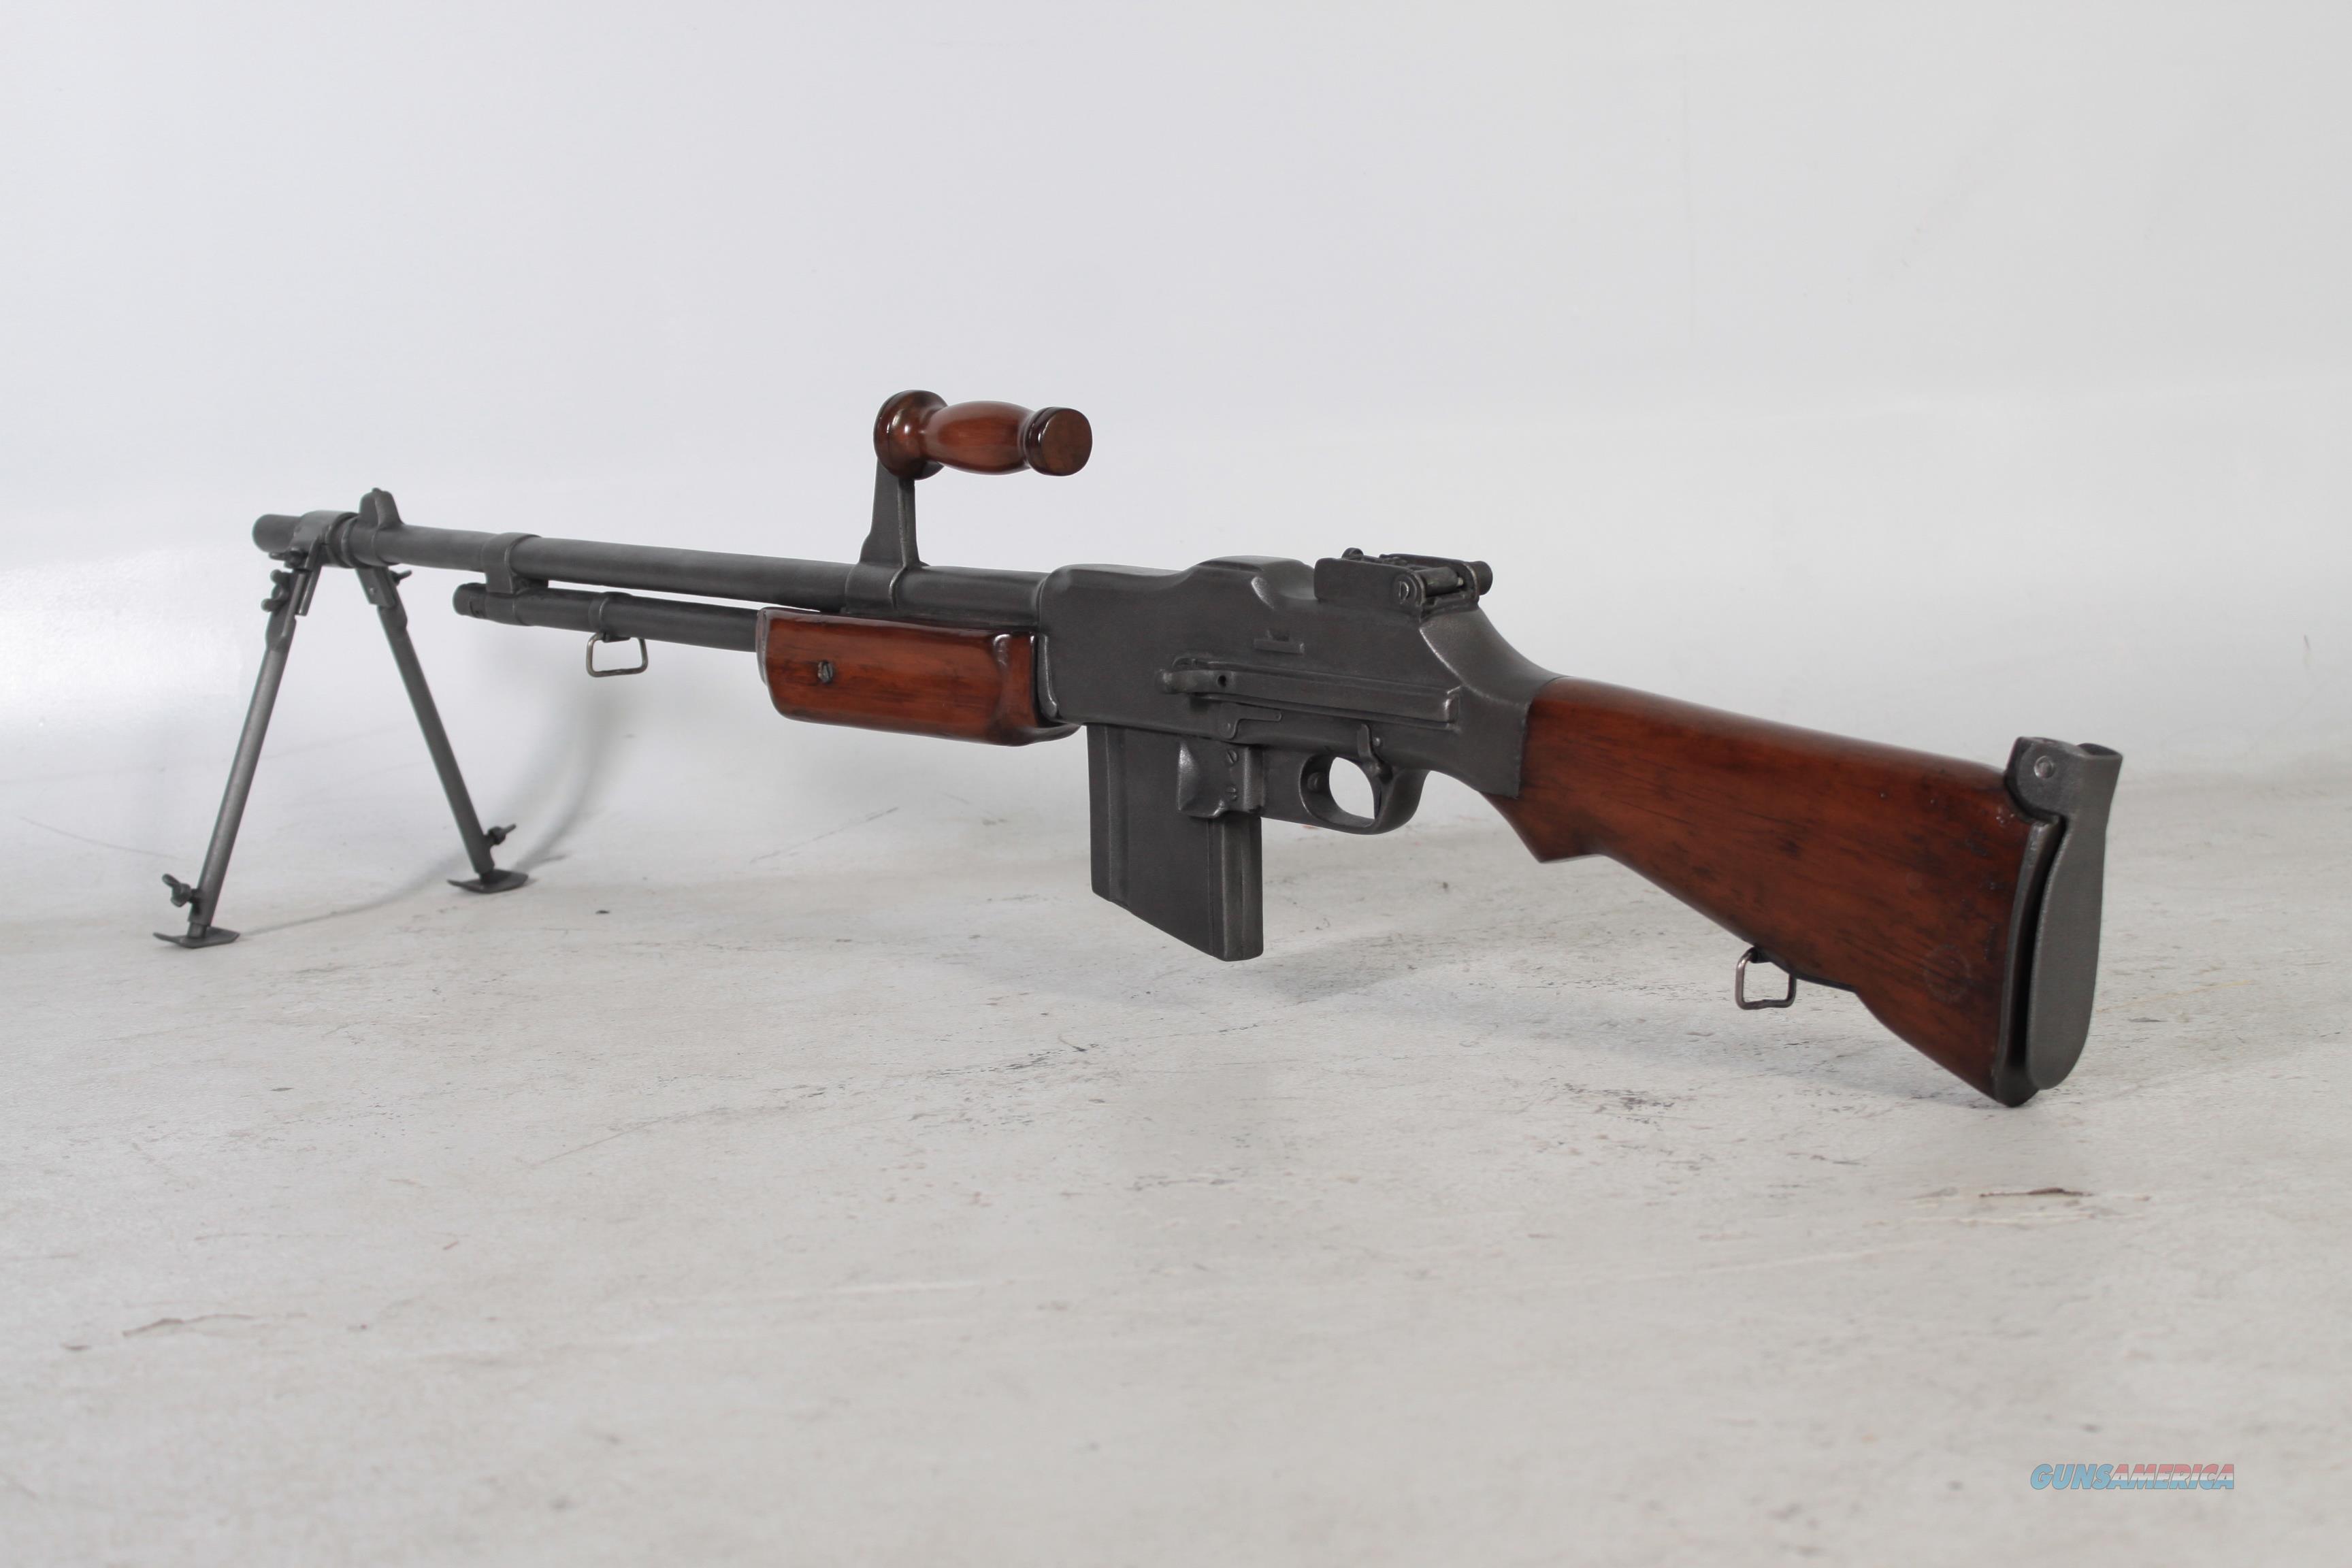 BAR Browning Automatic rifle Replica w/bipod  Guns > Rifles > Browning Rifles > Semi Auto > Semi-Auto Machine Gun